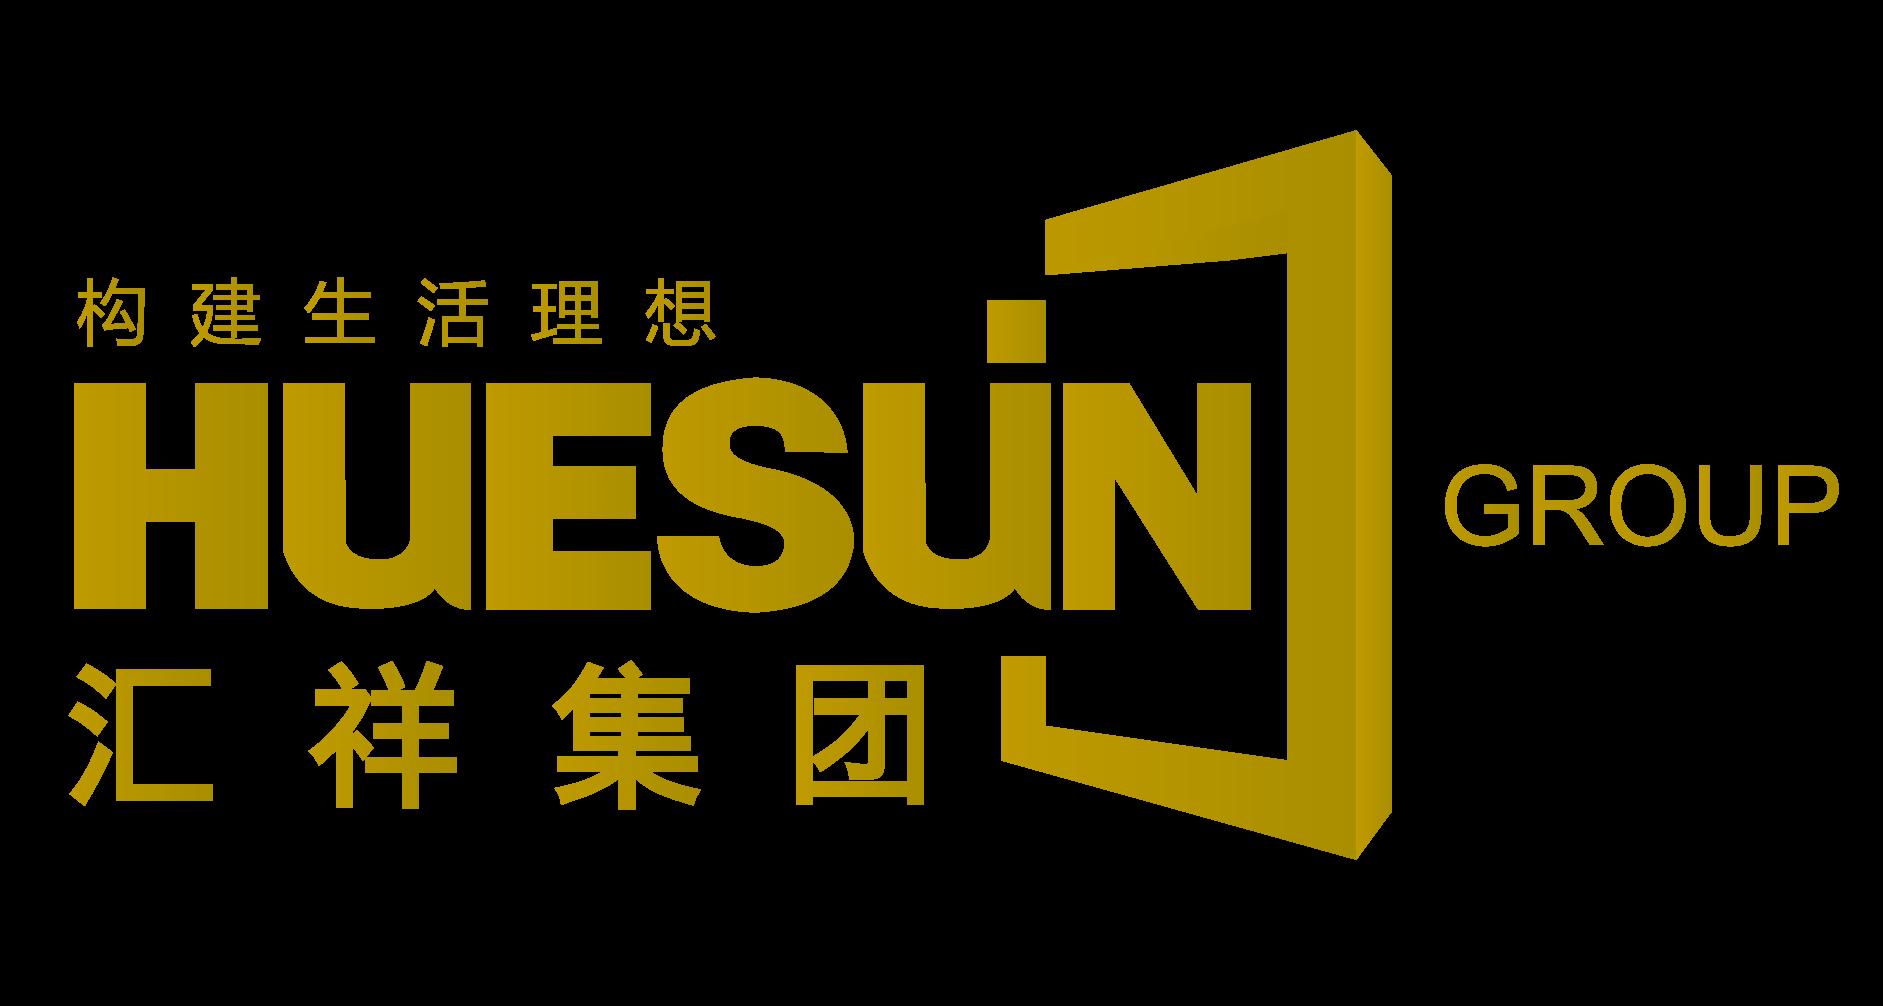 重慶匯祥實業集團有限公司